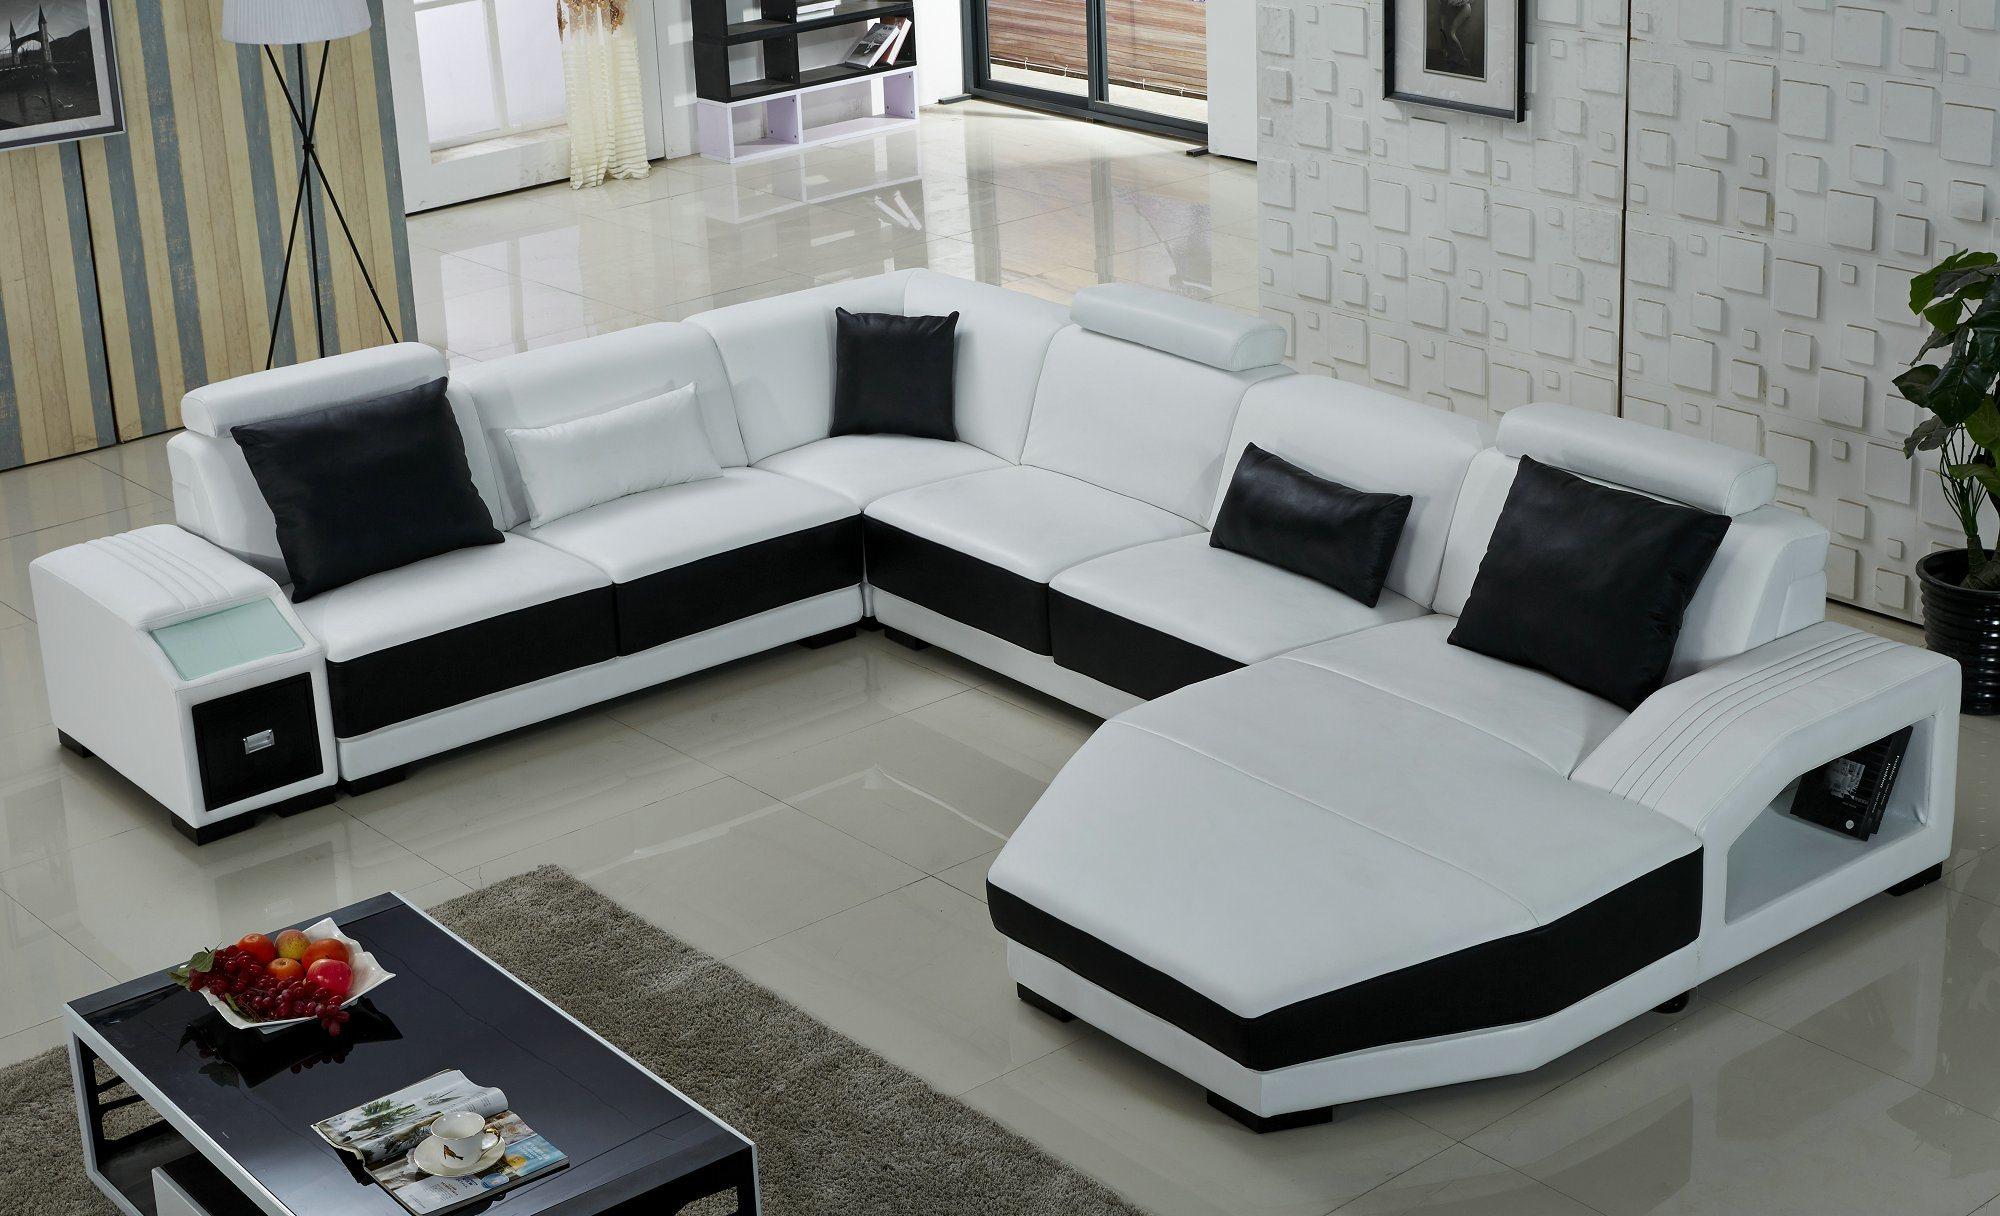 foto de sof moderno em forma de u branco em pt made in